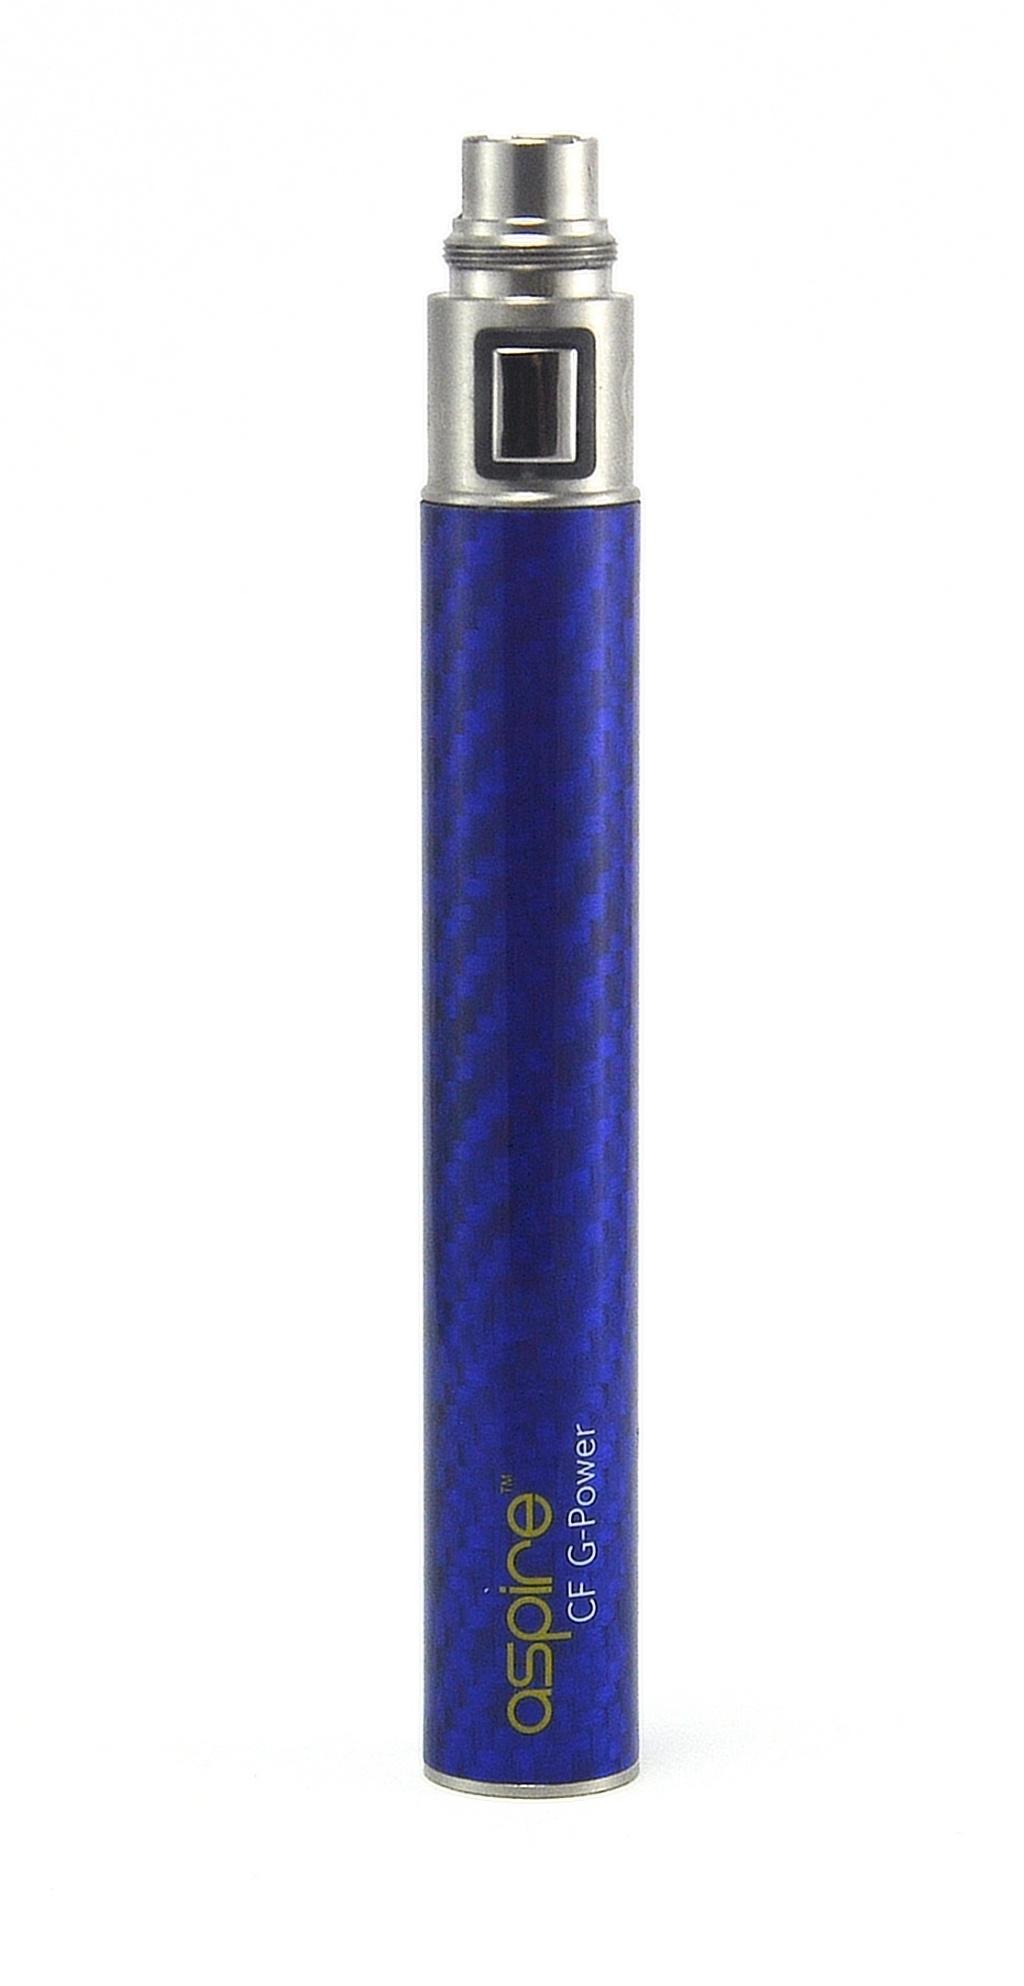 Baterie Aspire CF G-Power 1100mAh Barva: Modrá, Kategorie: Baterie 510/eGo, Napětí baterie: 3,3v - 4,2v, Kapacita Baterie: 1100mAh